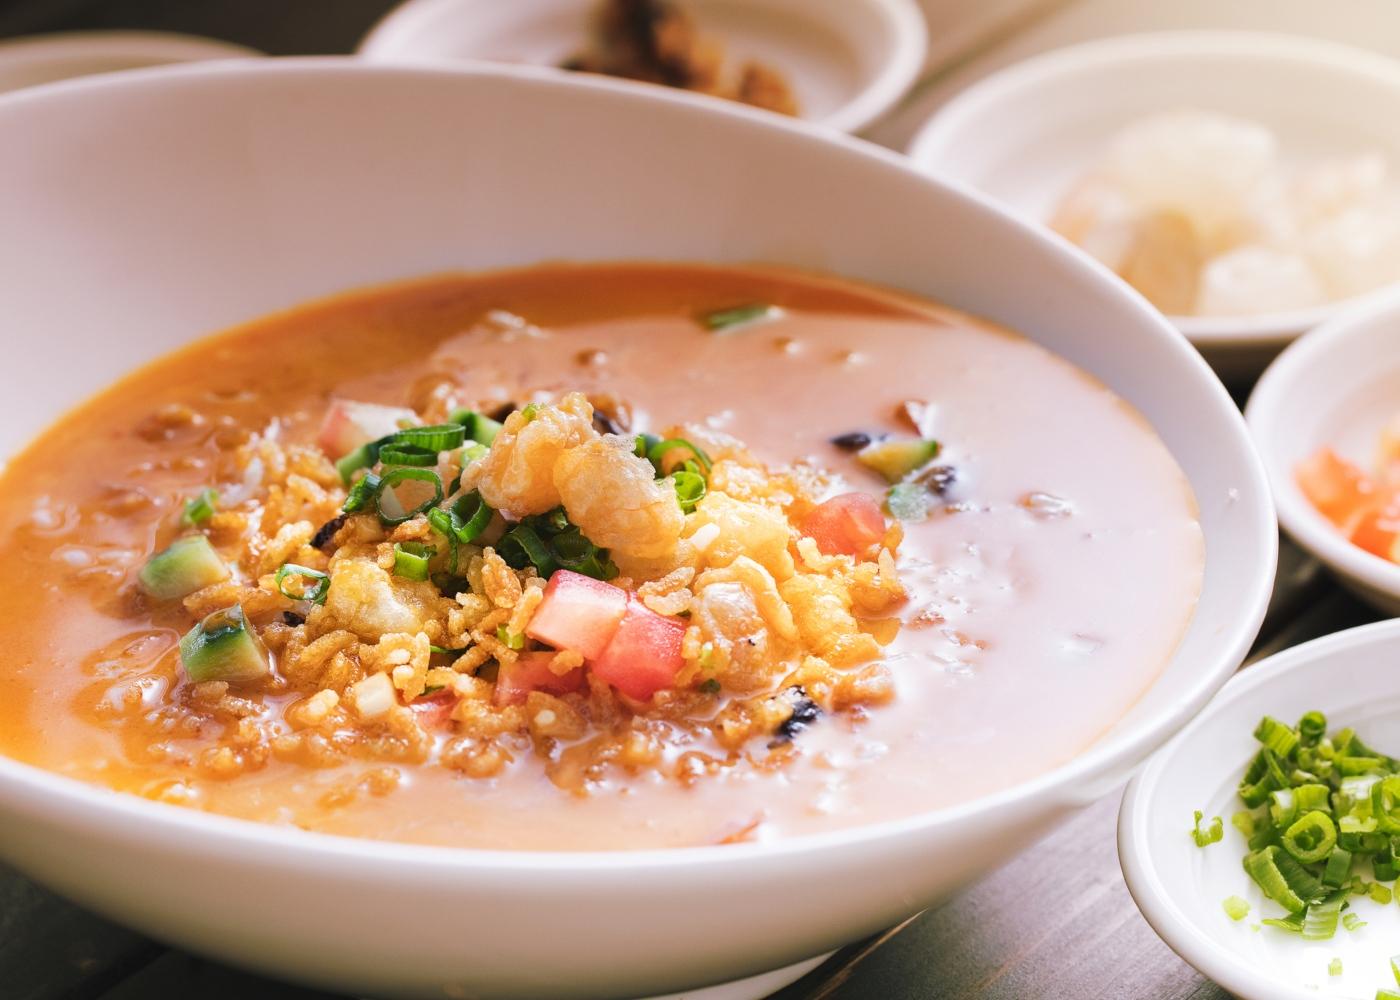 Receitas com enlatados: petingas com arroz malandro